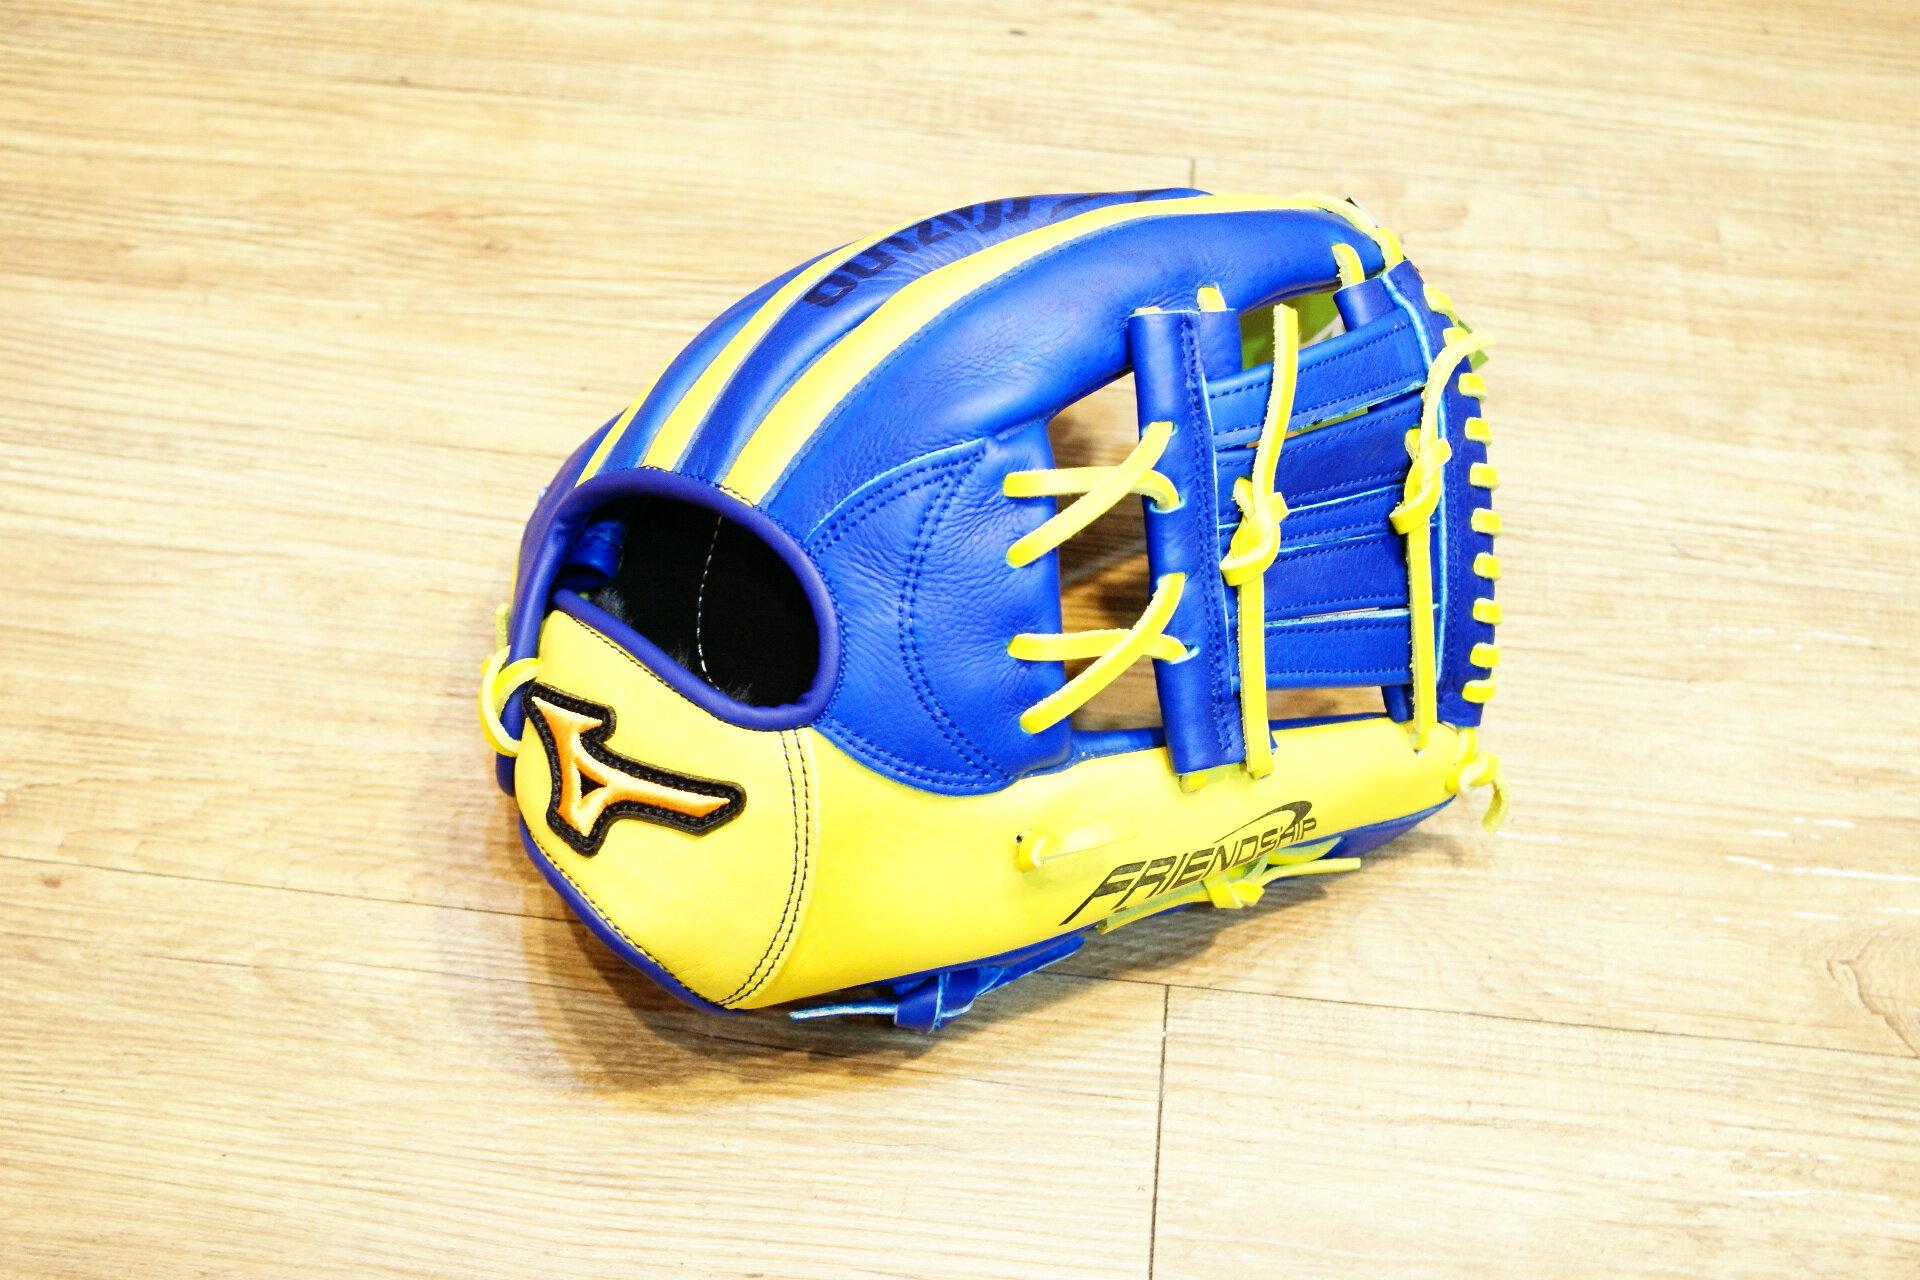 棒球世界 Mizuno 美津濃 FRIEND SHIP 壘球手套 1ATGS50800 特價萊姆藍配色 單片